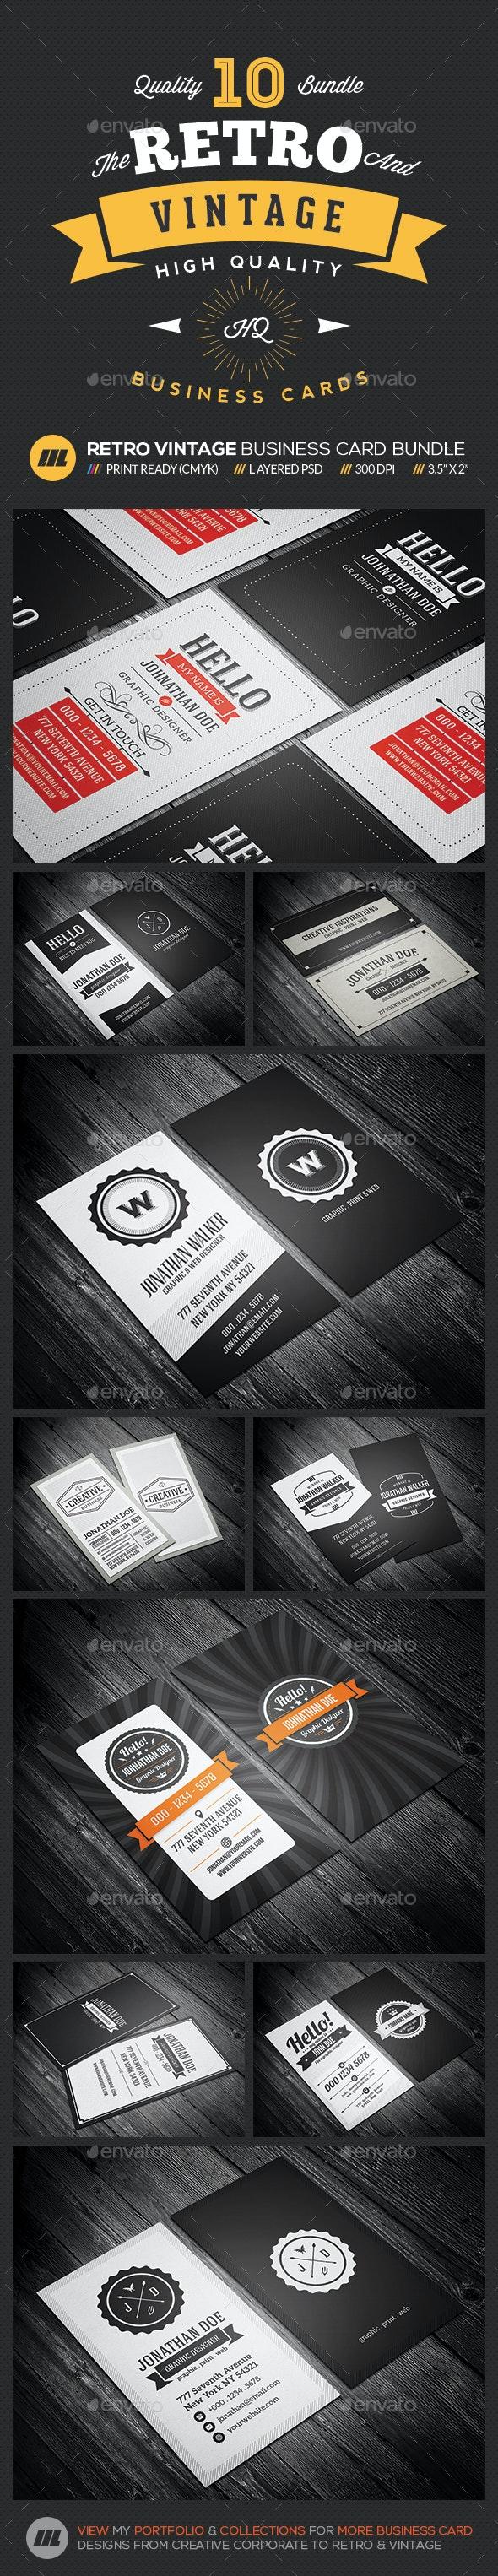 Mega 10 in 1 Bundle - Retro Vintage Business Card Template - Retro/Vintage Business Cards